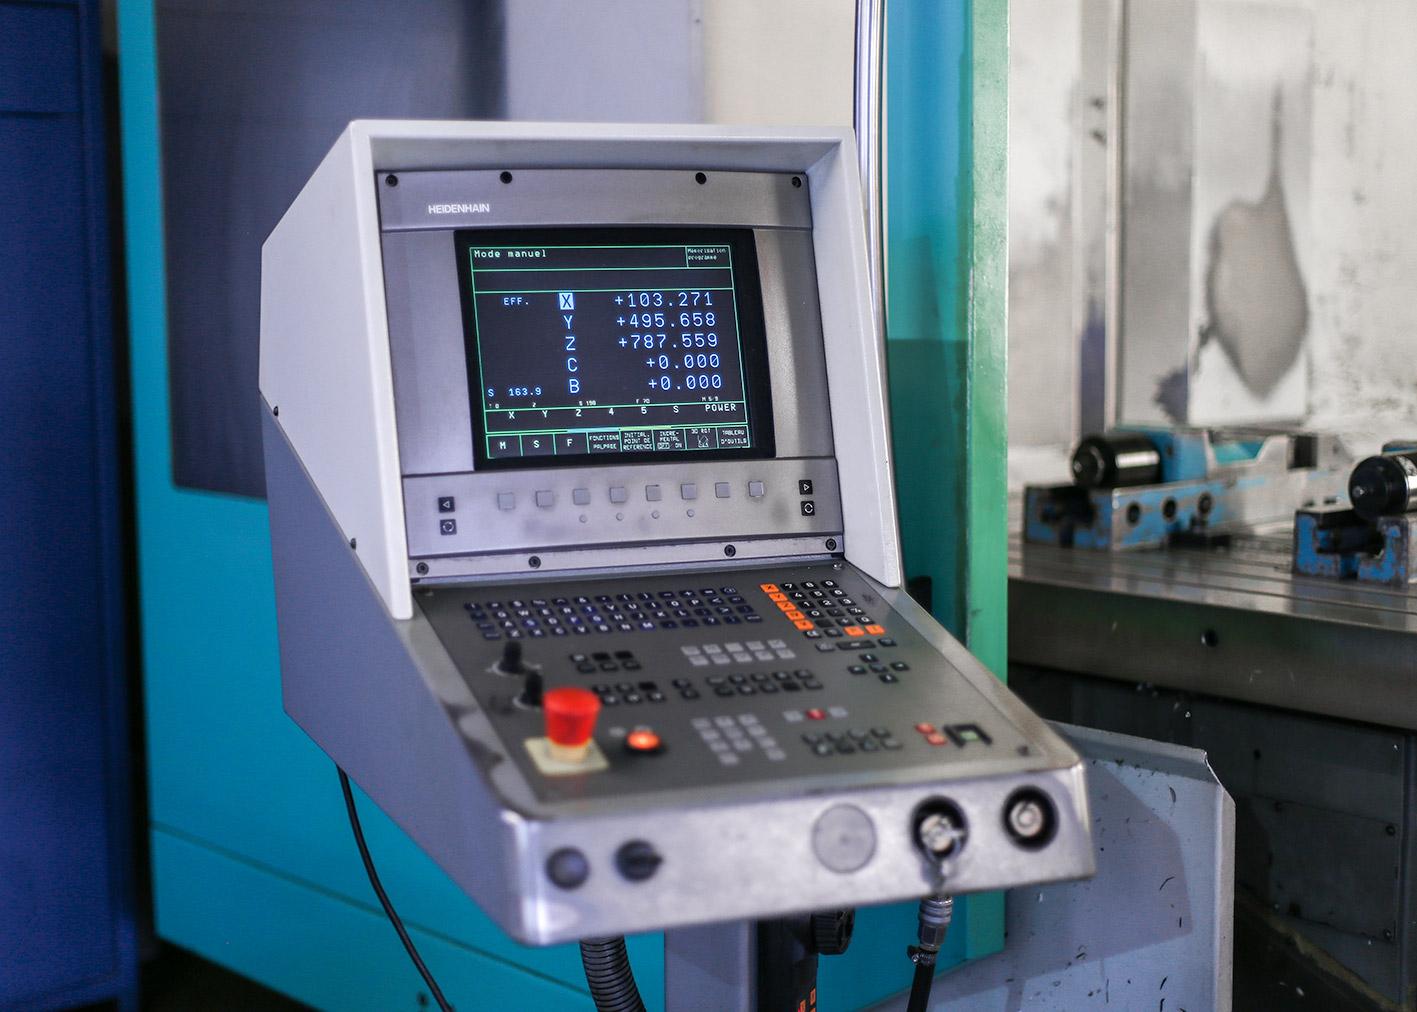 DMU 125 fraisage atelier reco mecanique valais salgesch